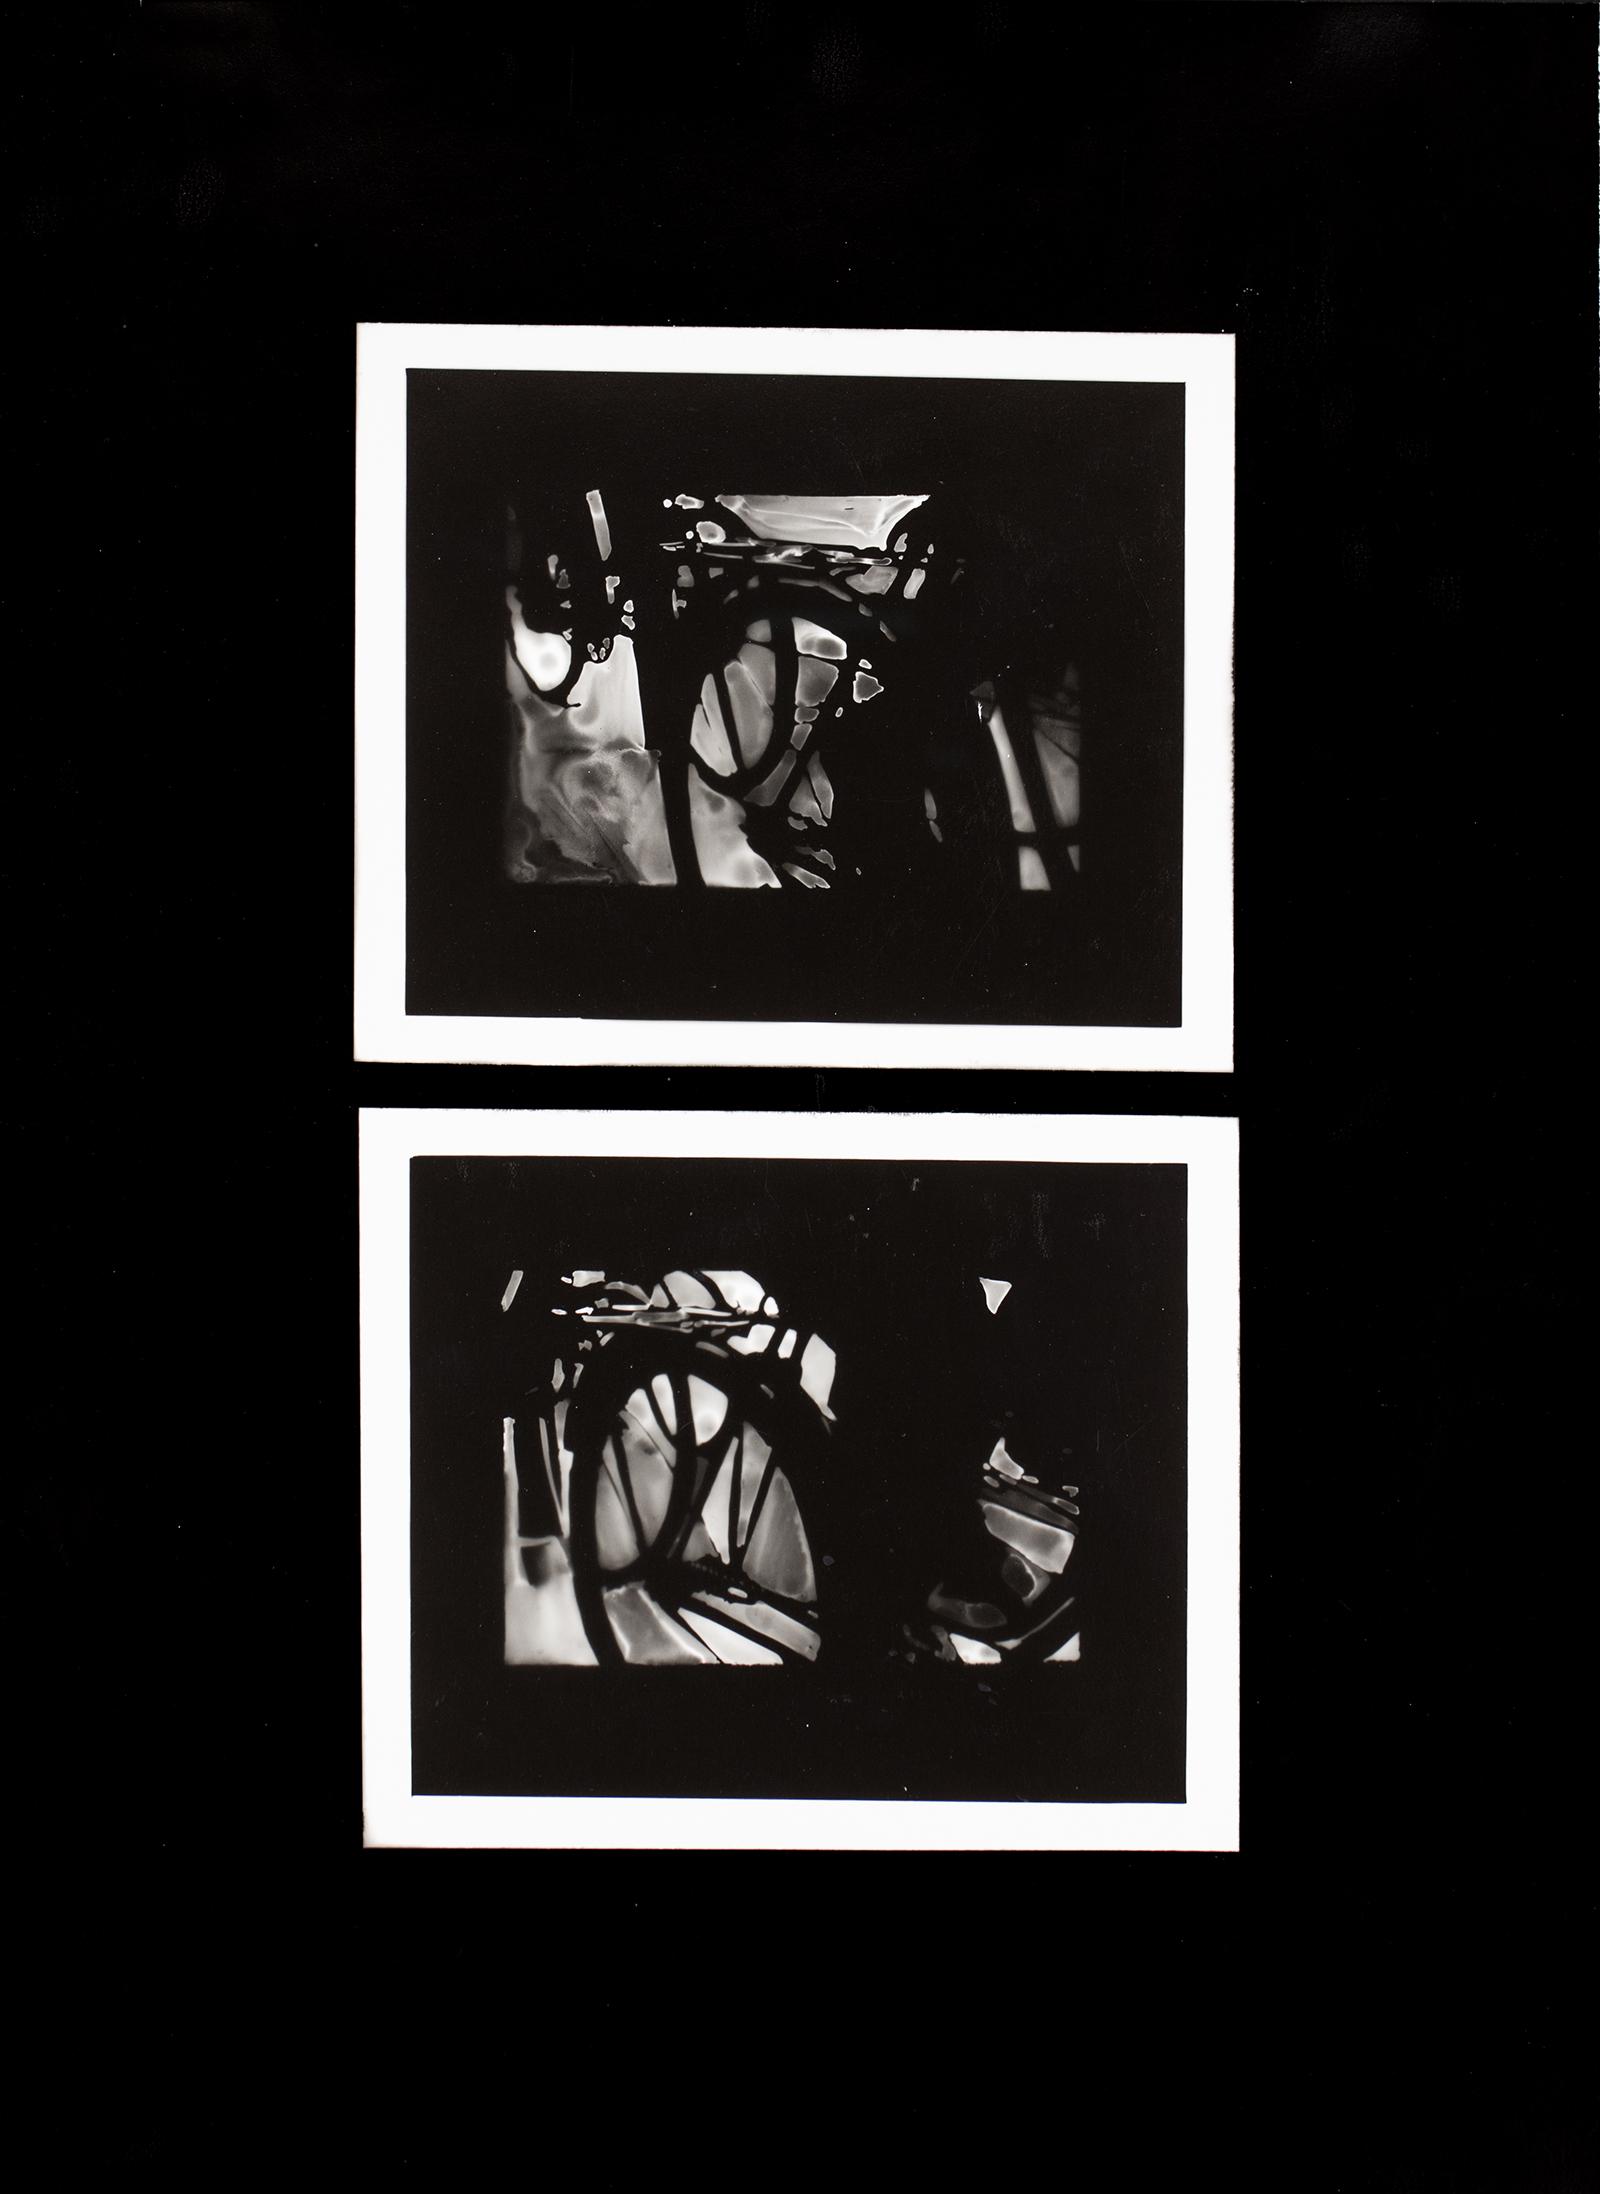 Matt Saunders, Passageworks Vorspiel (Bikes) #2, 2010